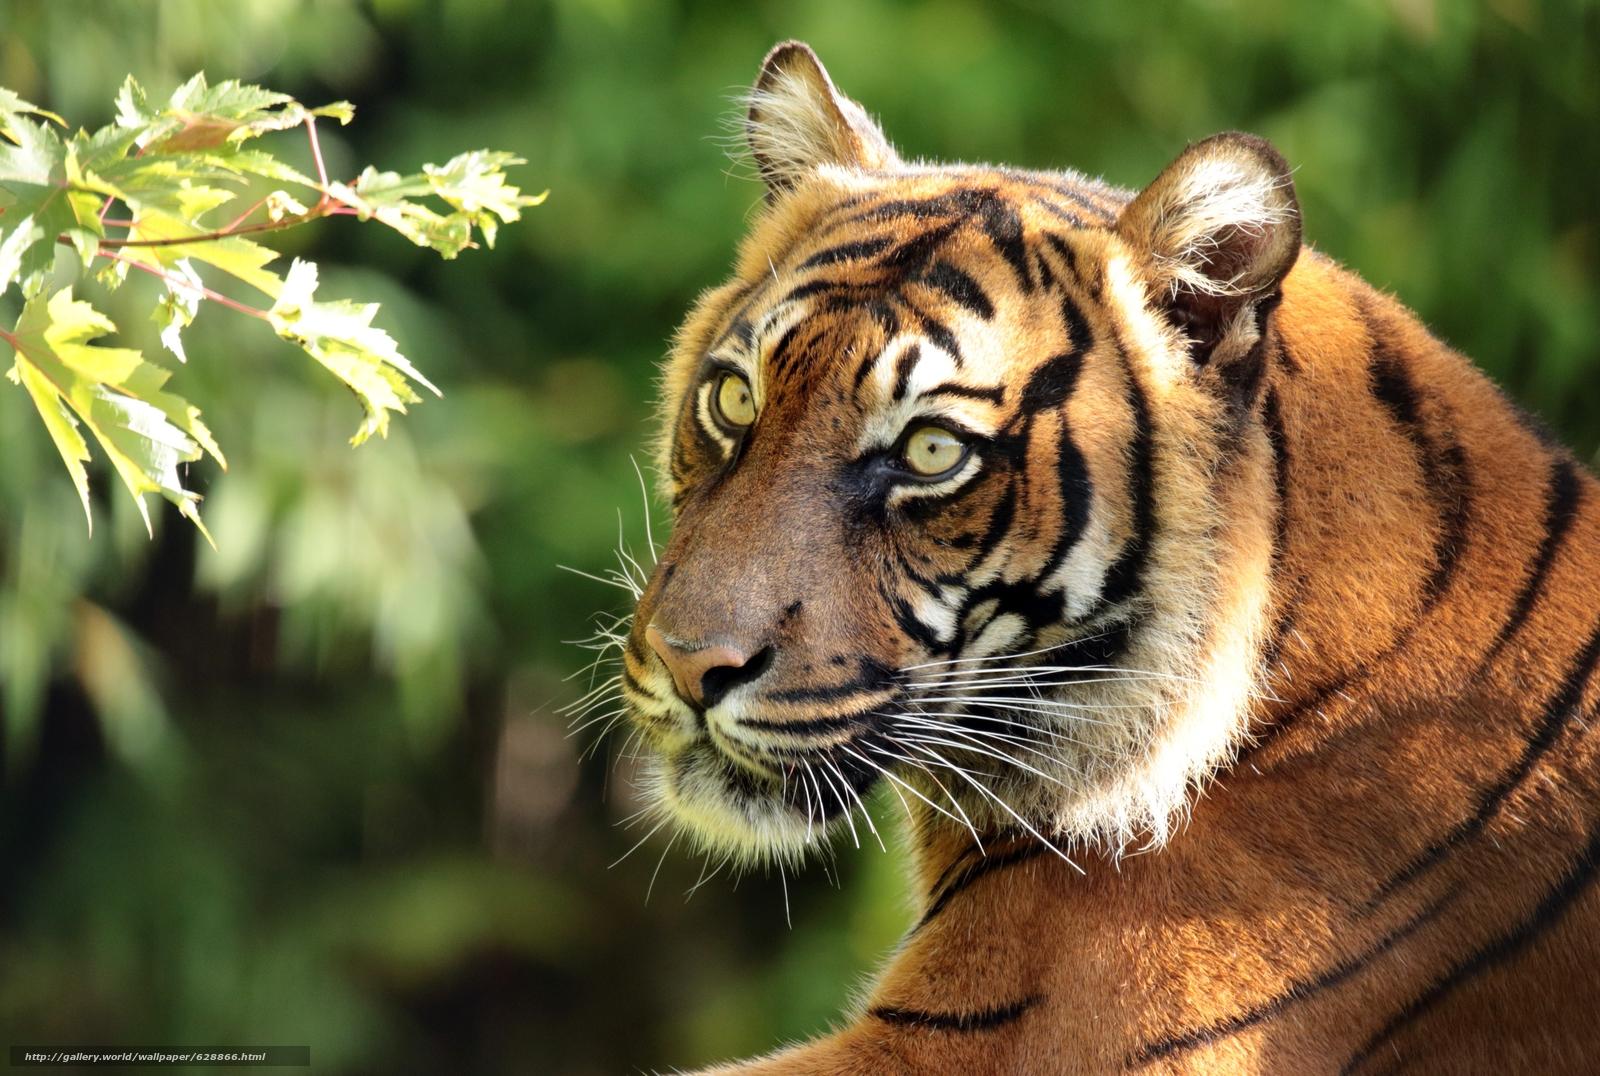 хищник, морда, тигр, портрет, Суматранский тигр, ветка Скачать,  картинка, изображение, фото, обои